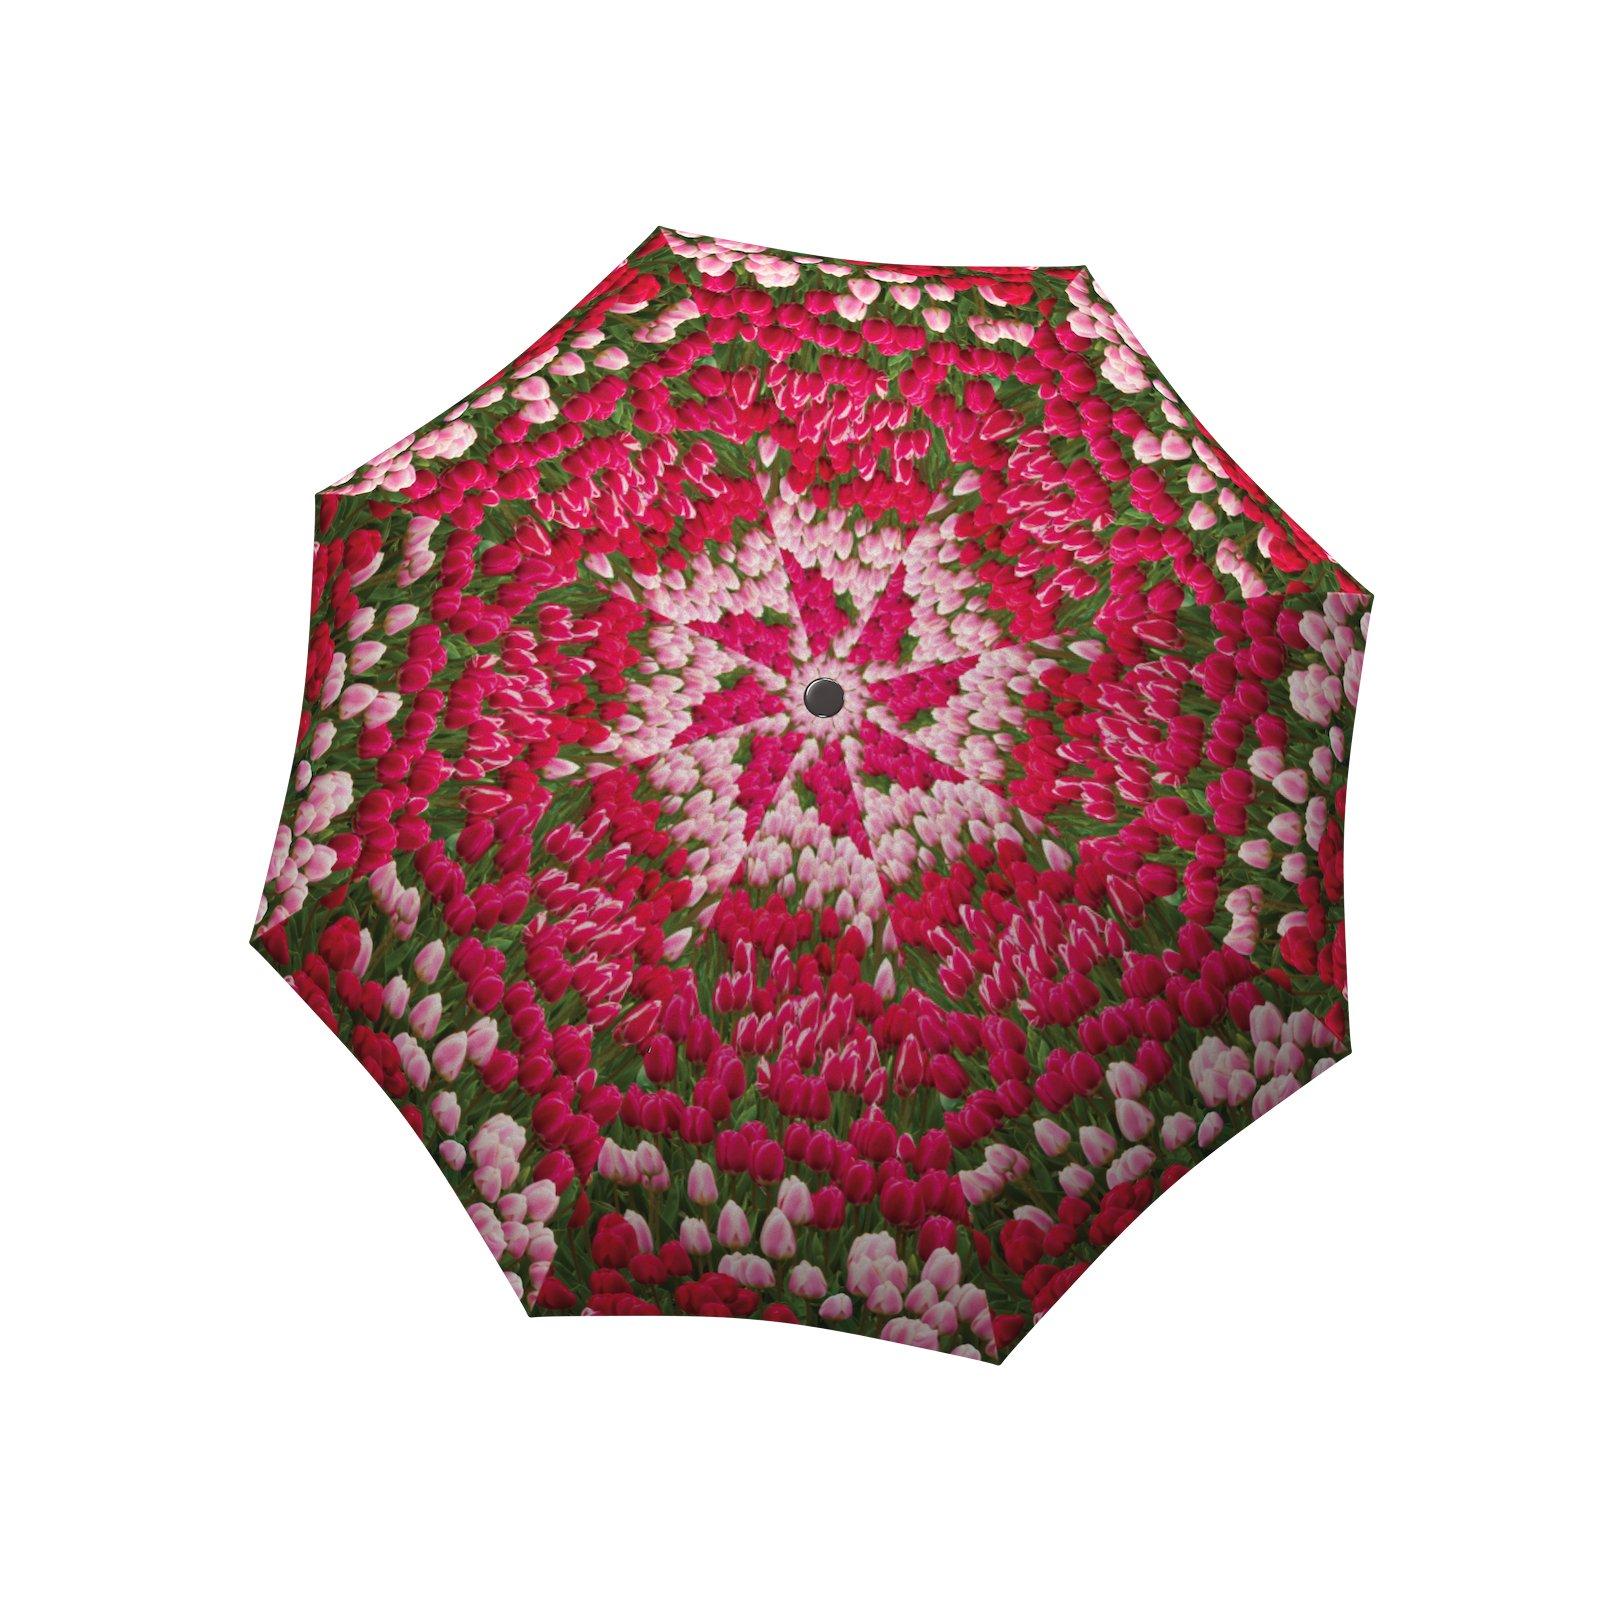 LA BELLA UMBRELLA Tulips Designer Unique Art Travel Fashion Umbrella in Stylish Gift Box - Windproof Folding Automatic Open Close